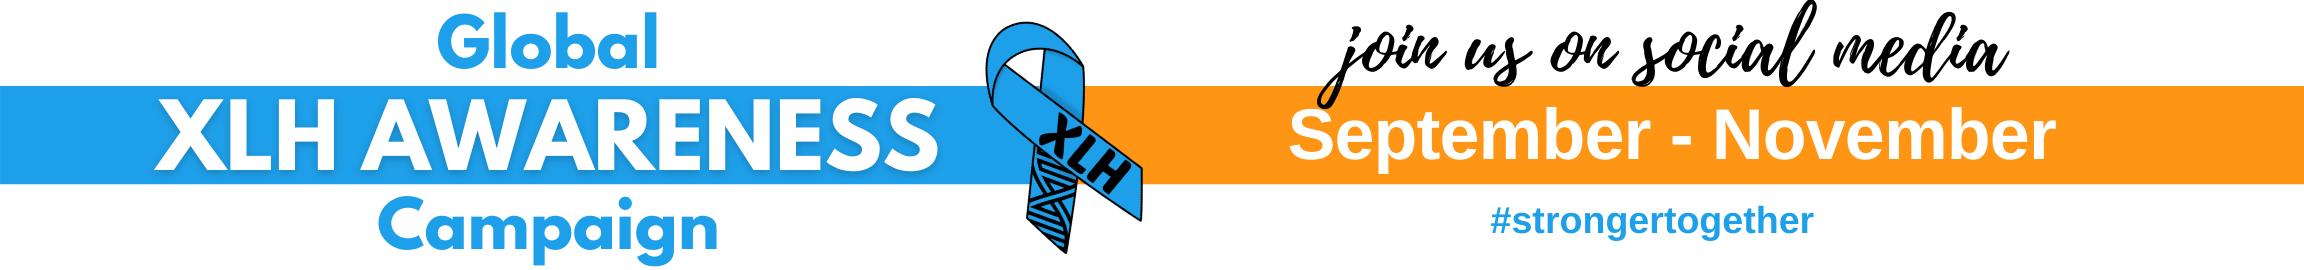 xlh alliance awareness